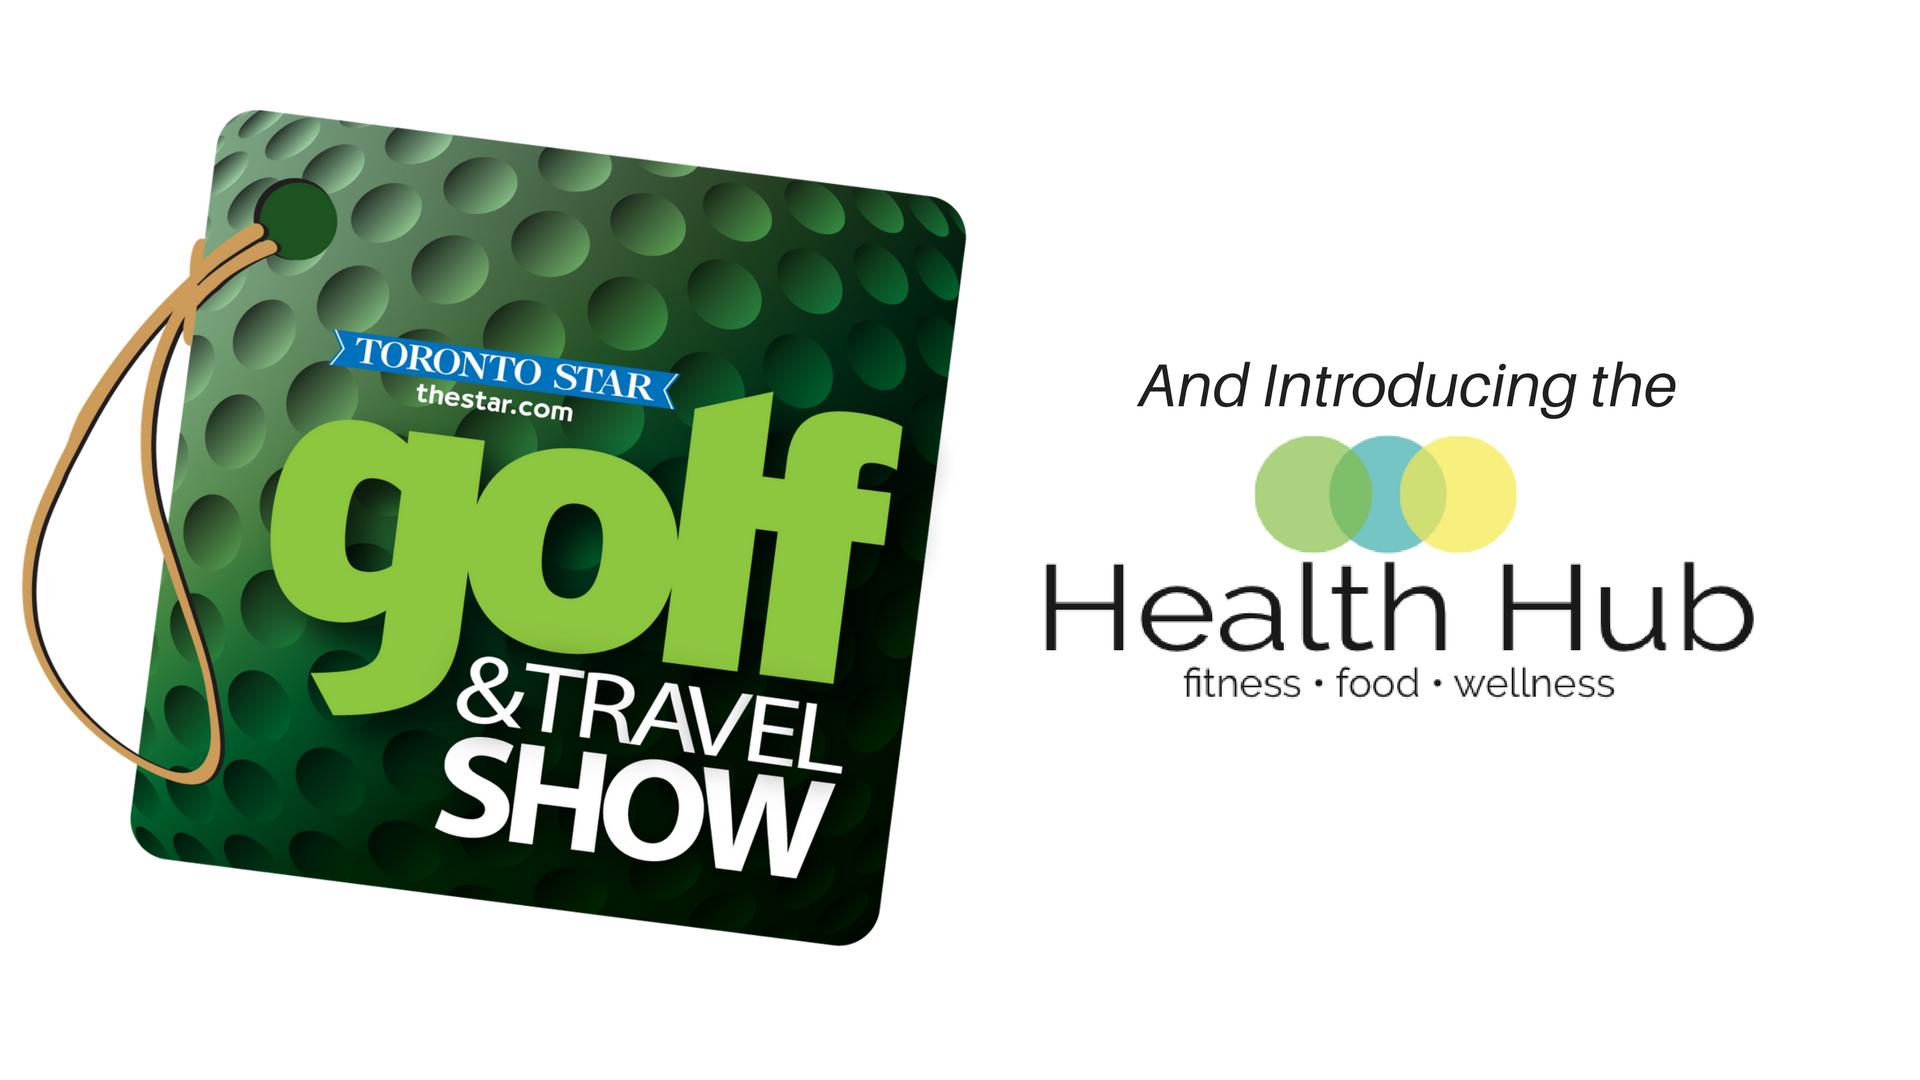 Toronto Golf & Travel Show